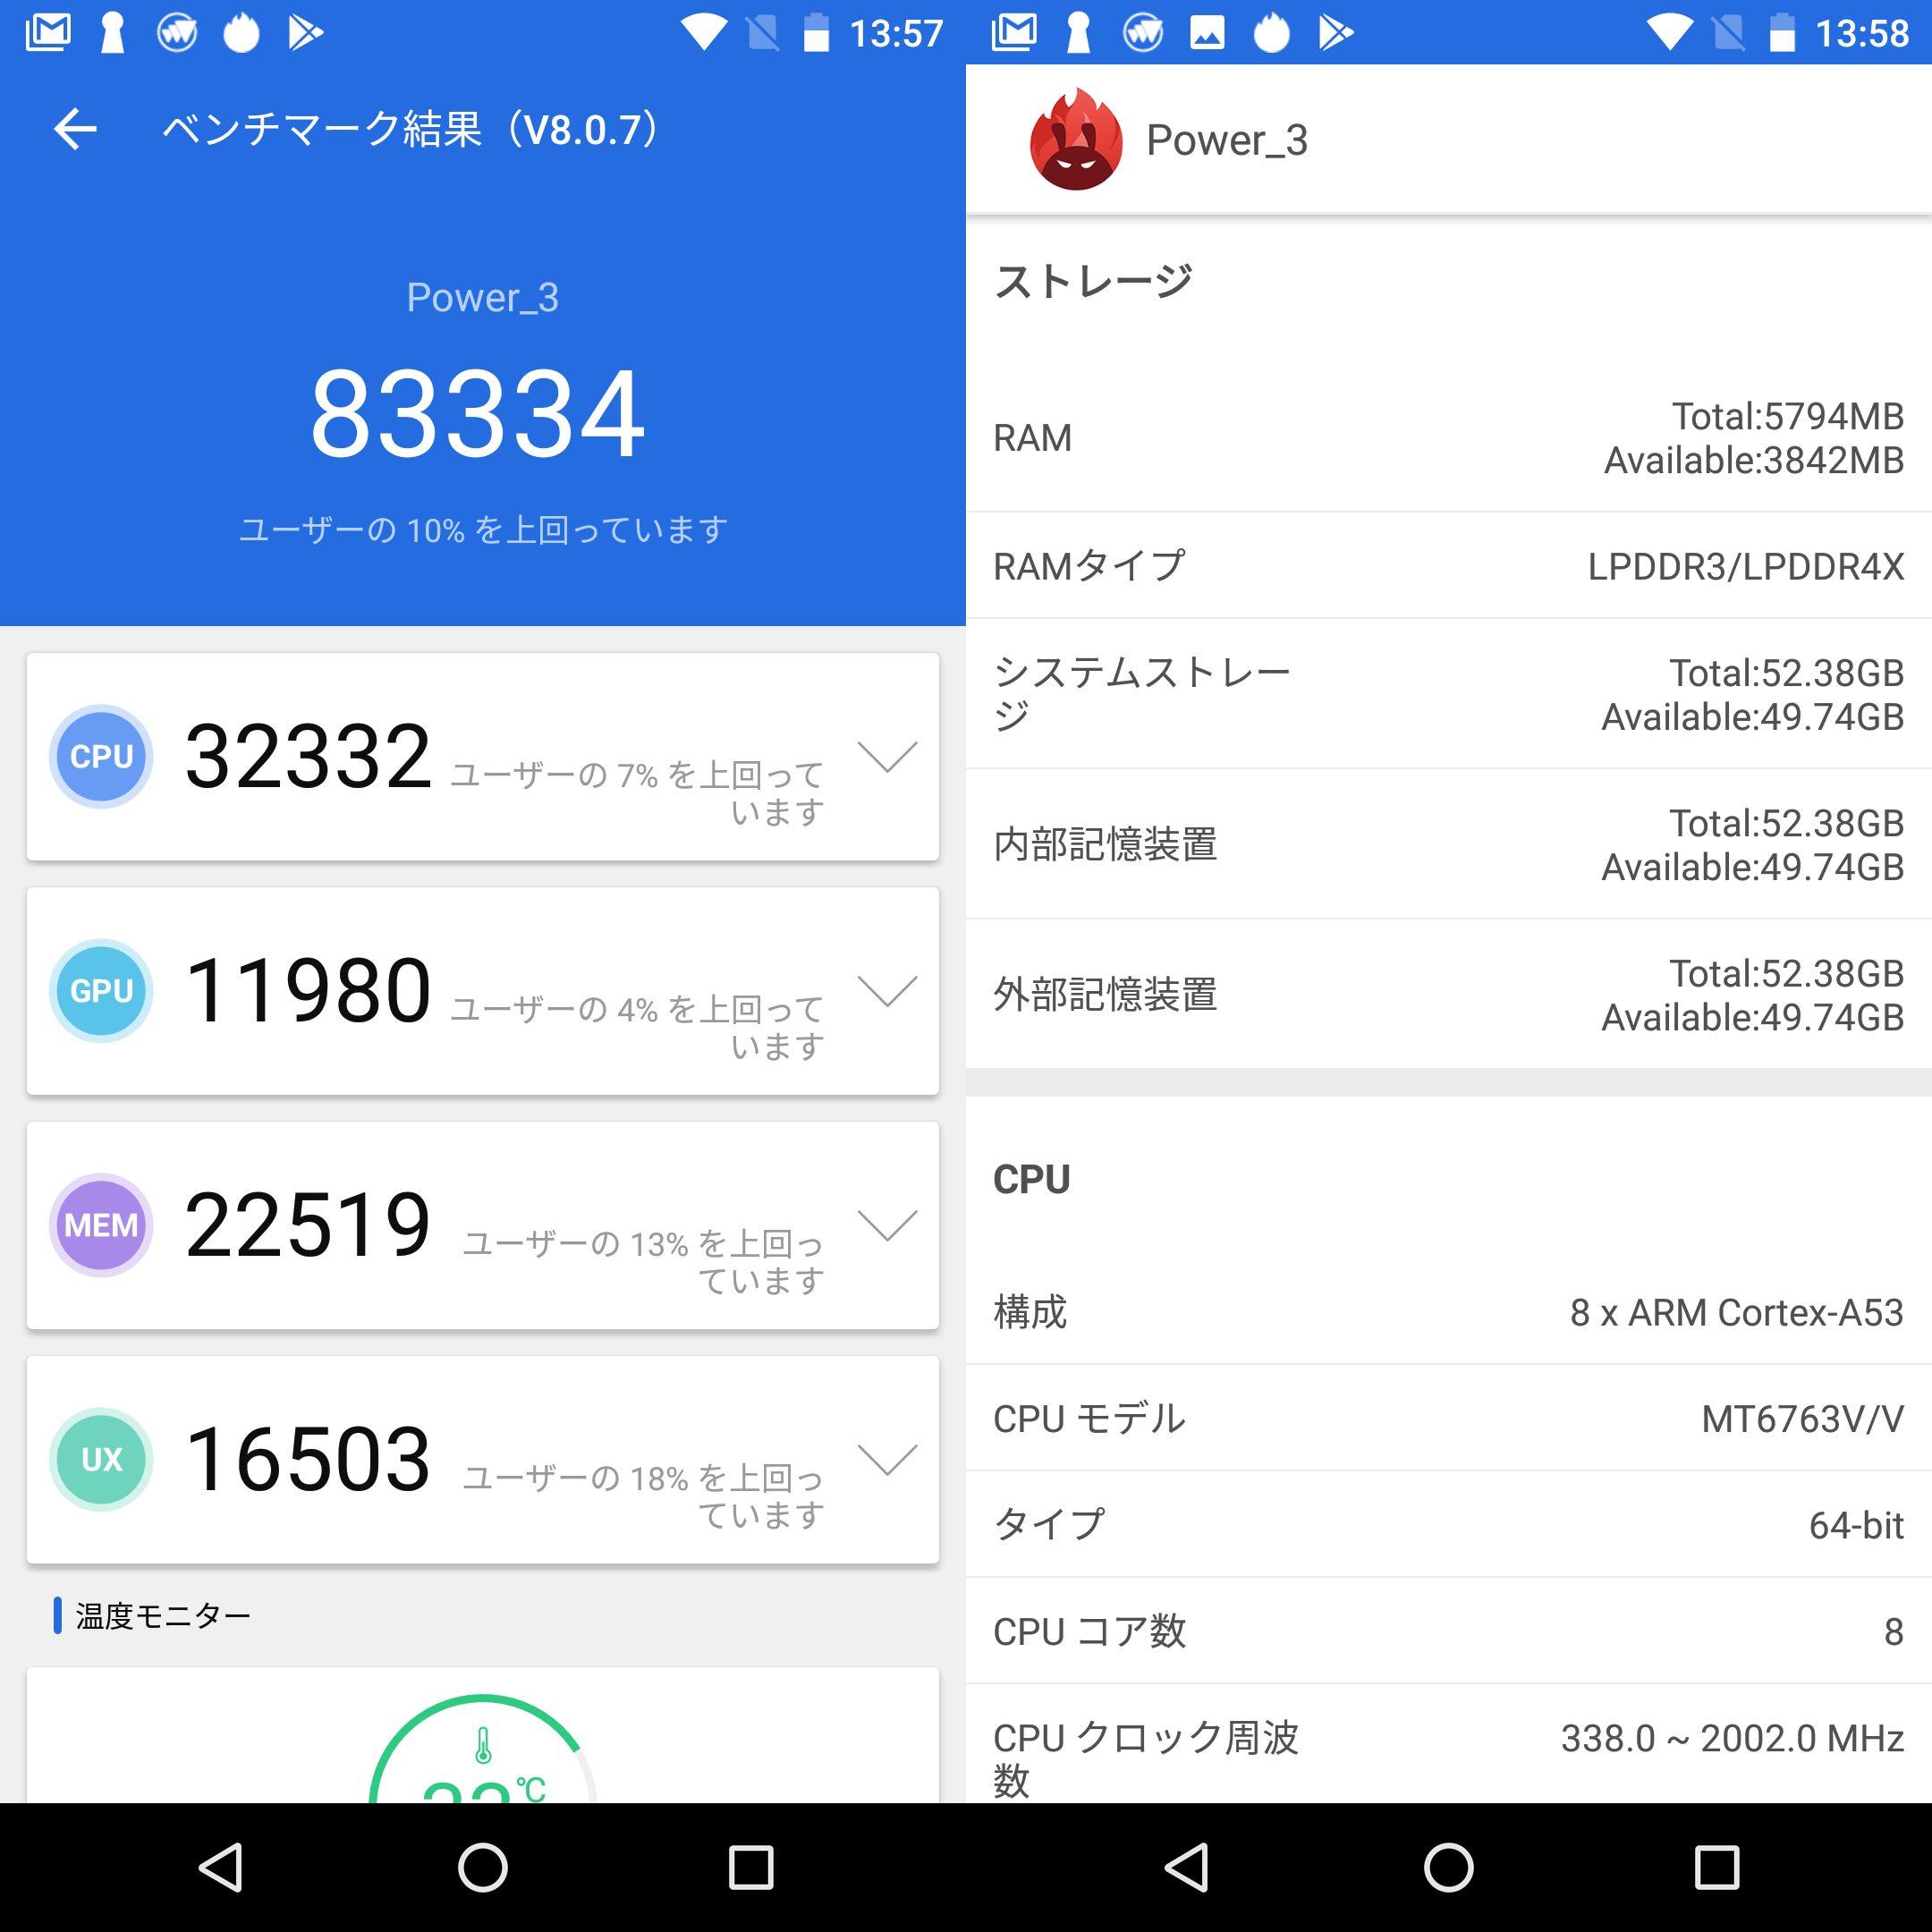 uleFone power 3(Android 7)実機AnTuTuベンチマークスコアは総合が83334点、3D性能が11980点。